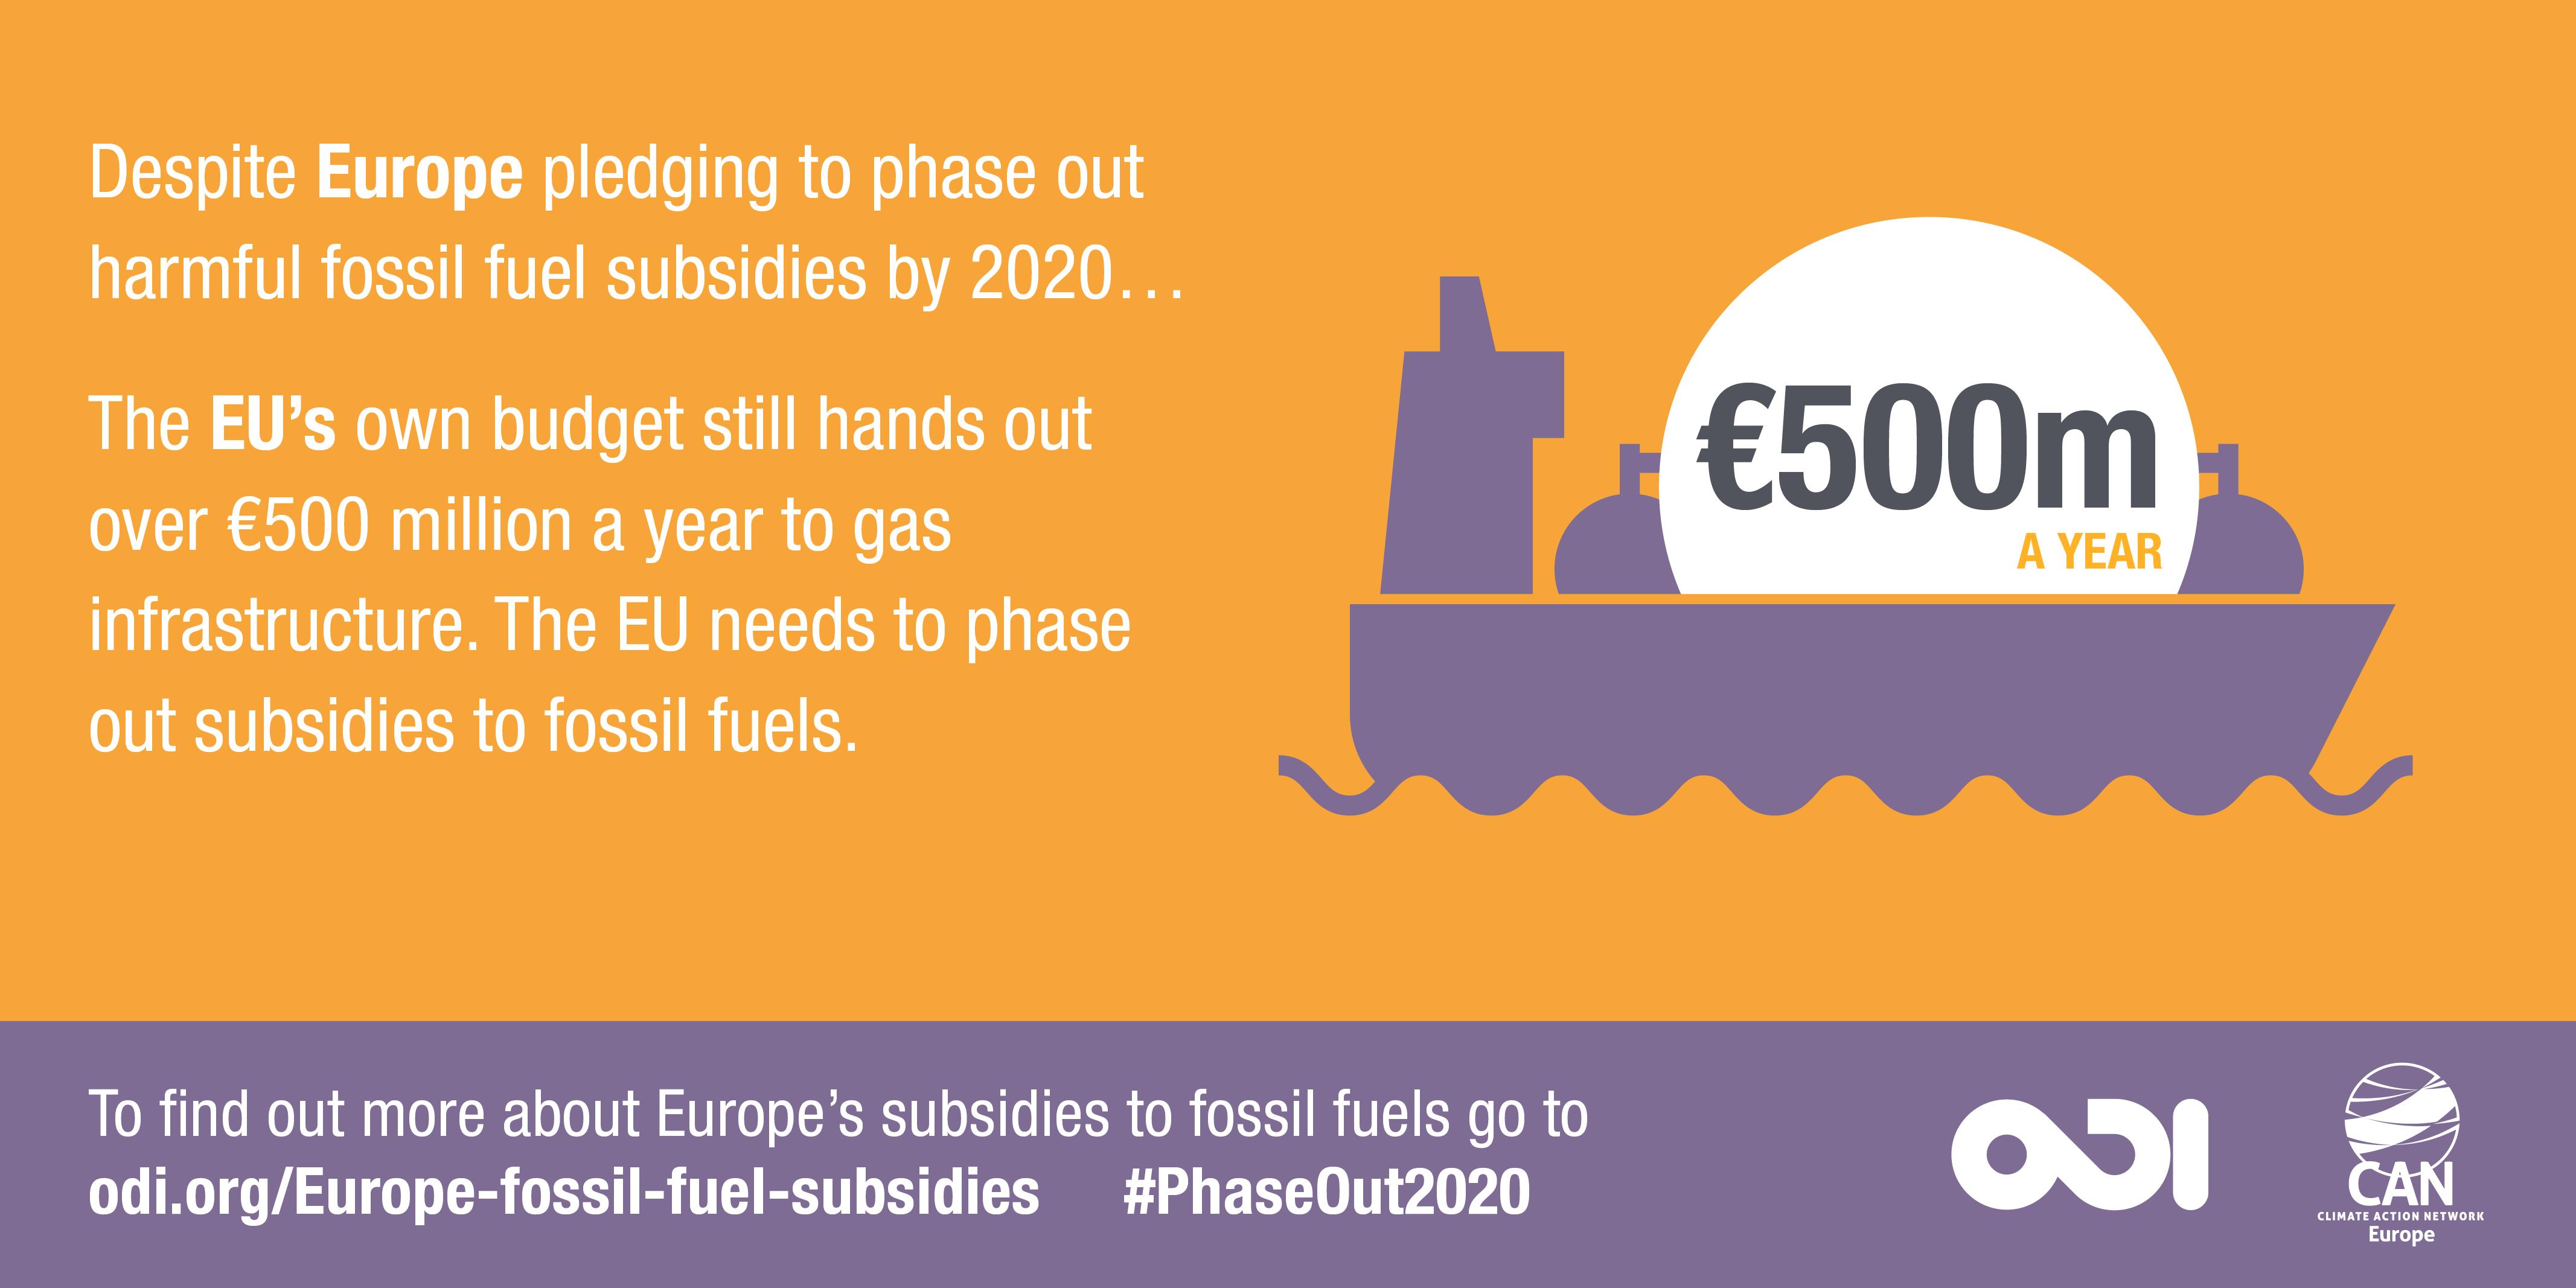 EU EU gas